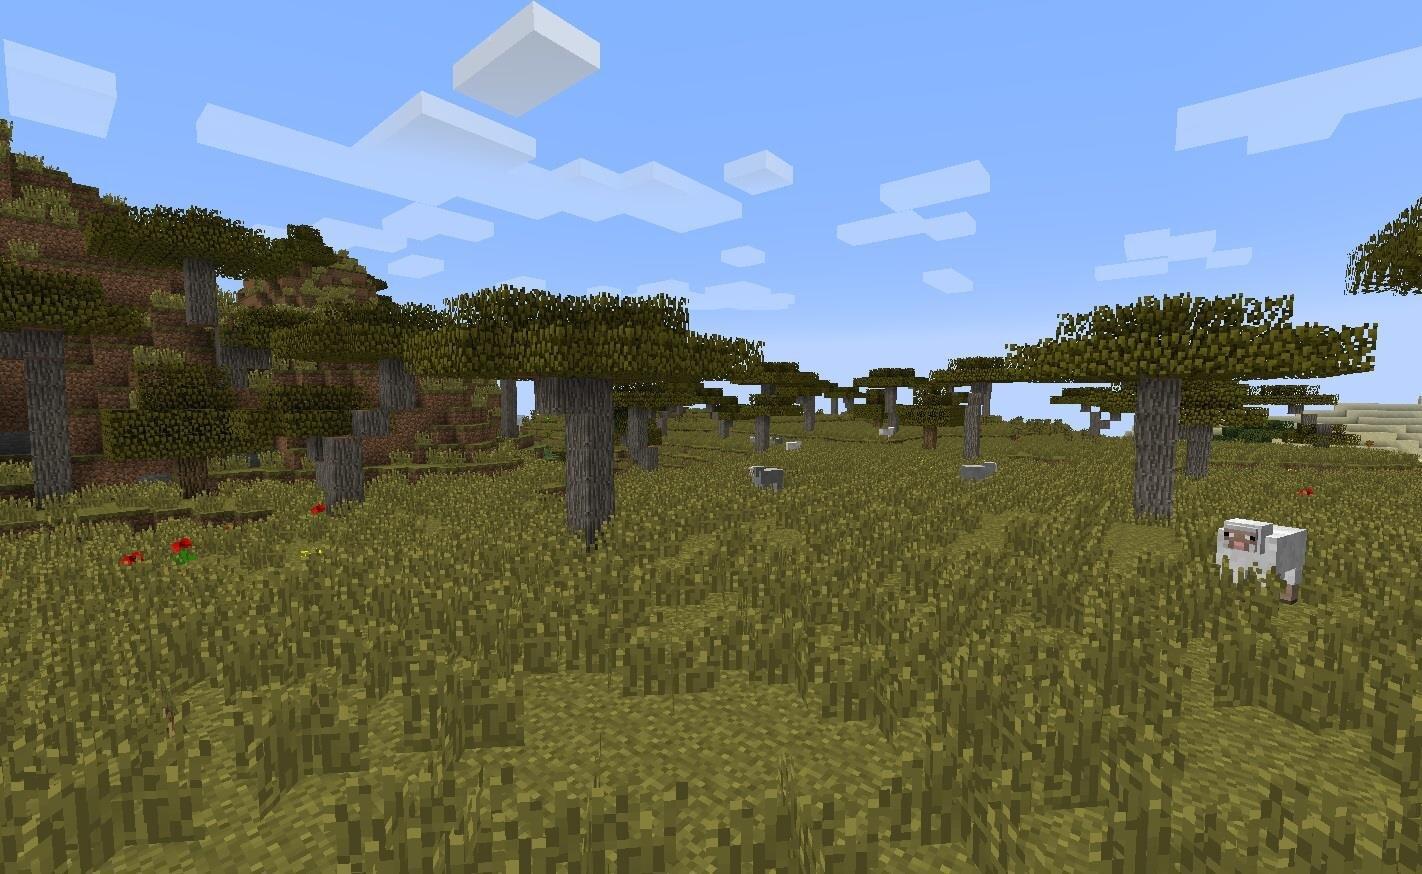 Minecraft 1 7 revoit totalement la g n ration de ses environnements - Un jeu comme minecraft ...